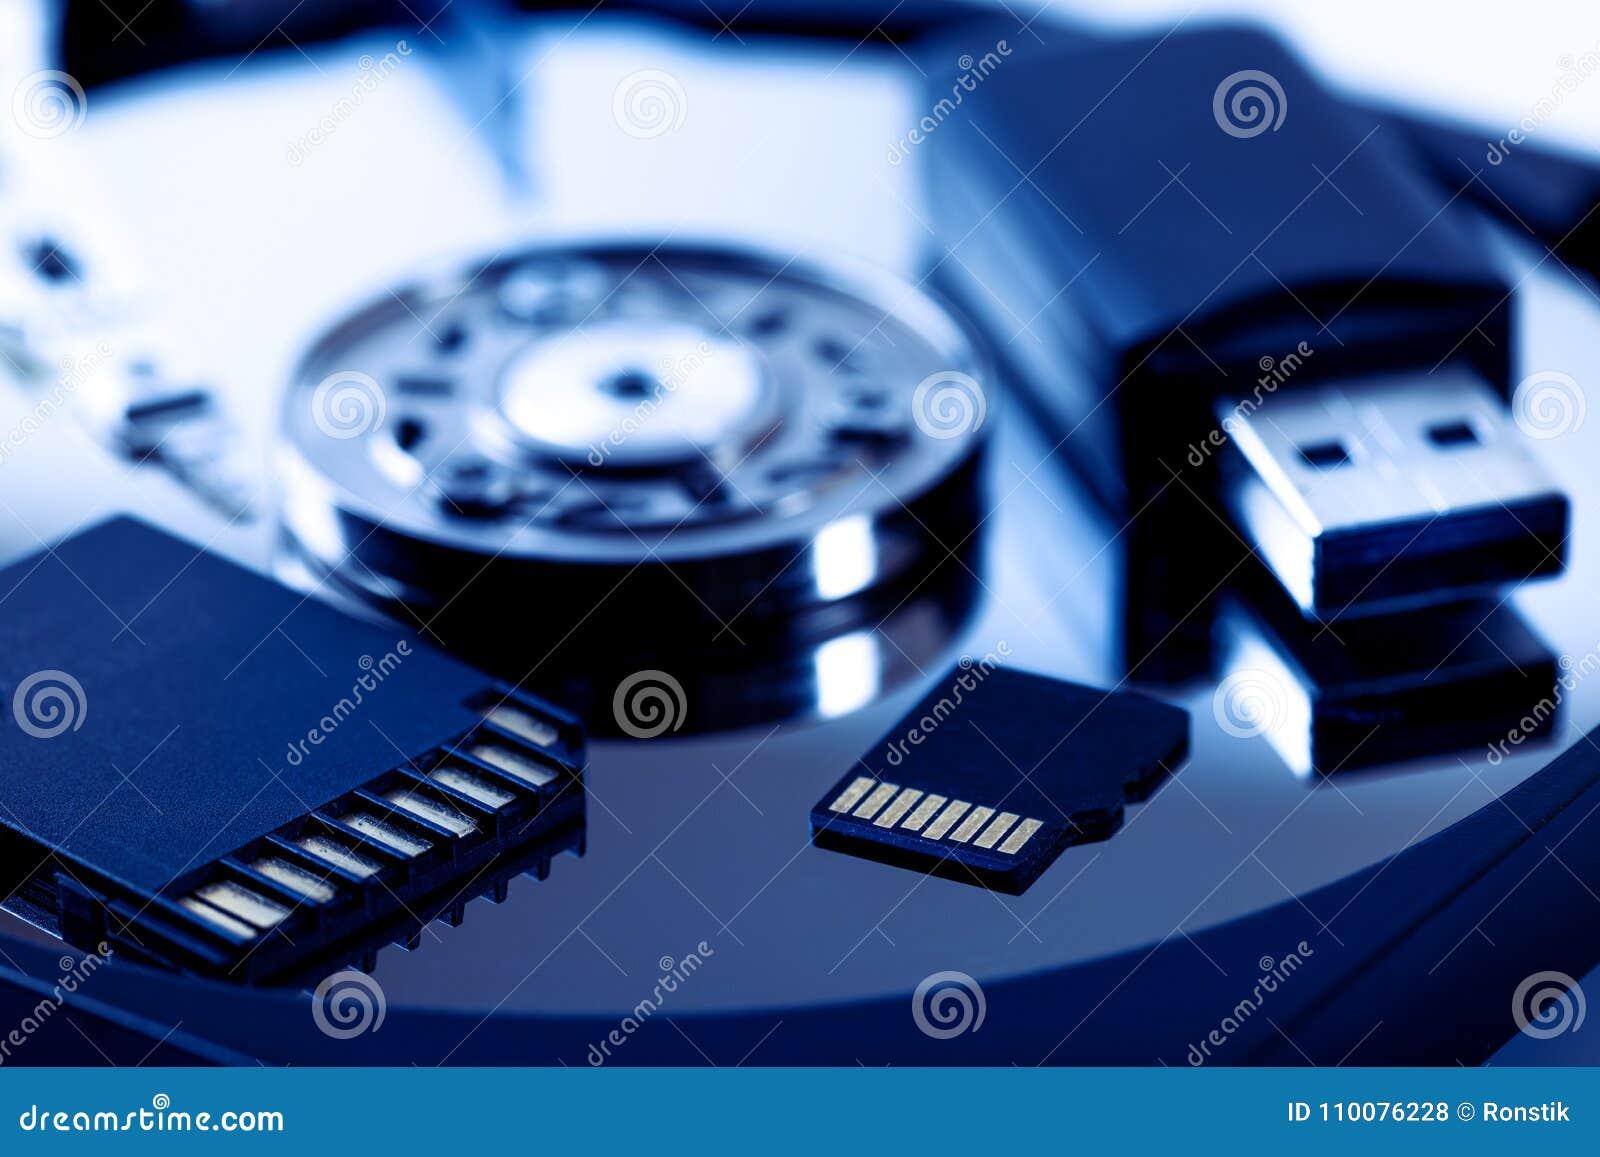 Przechowywanie danych przyrząda